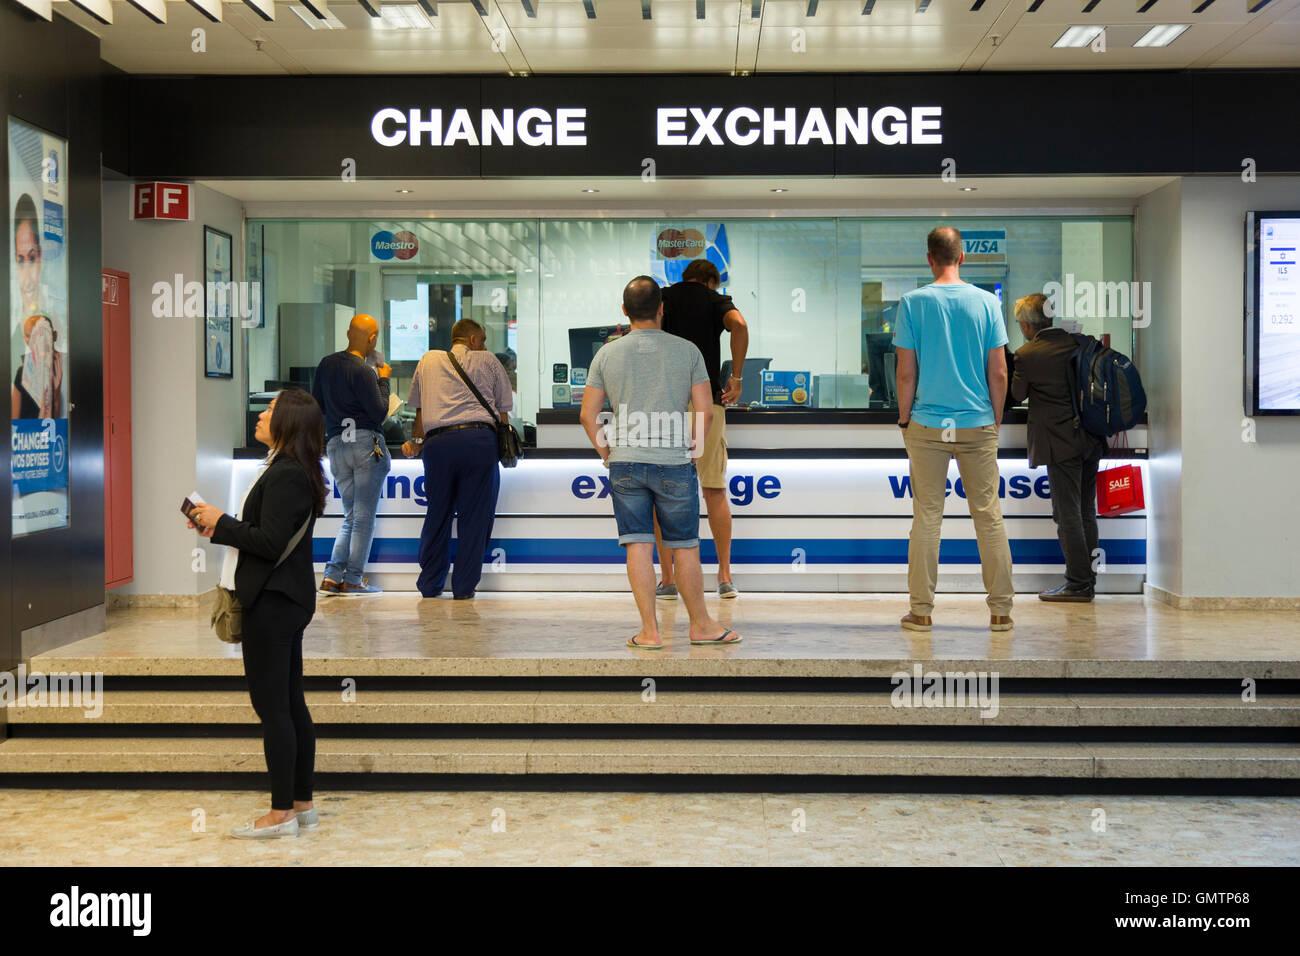 Menschen @ bureau de change office betrieben von global exchange